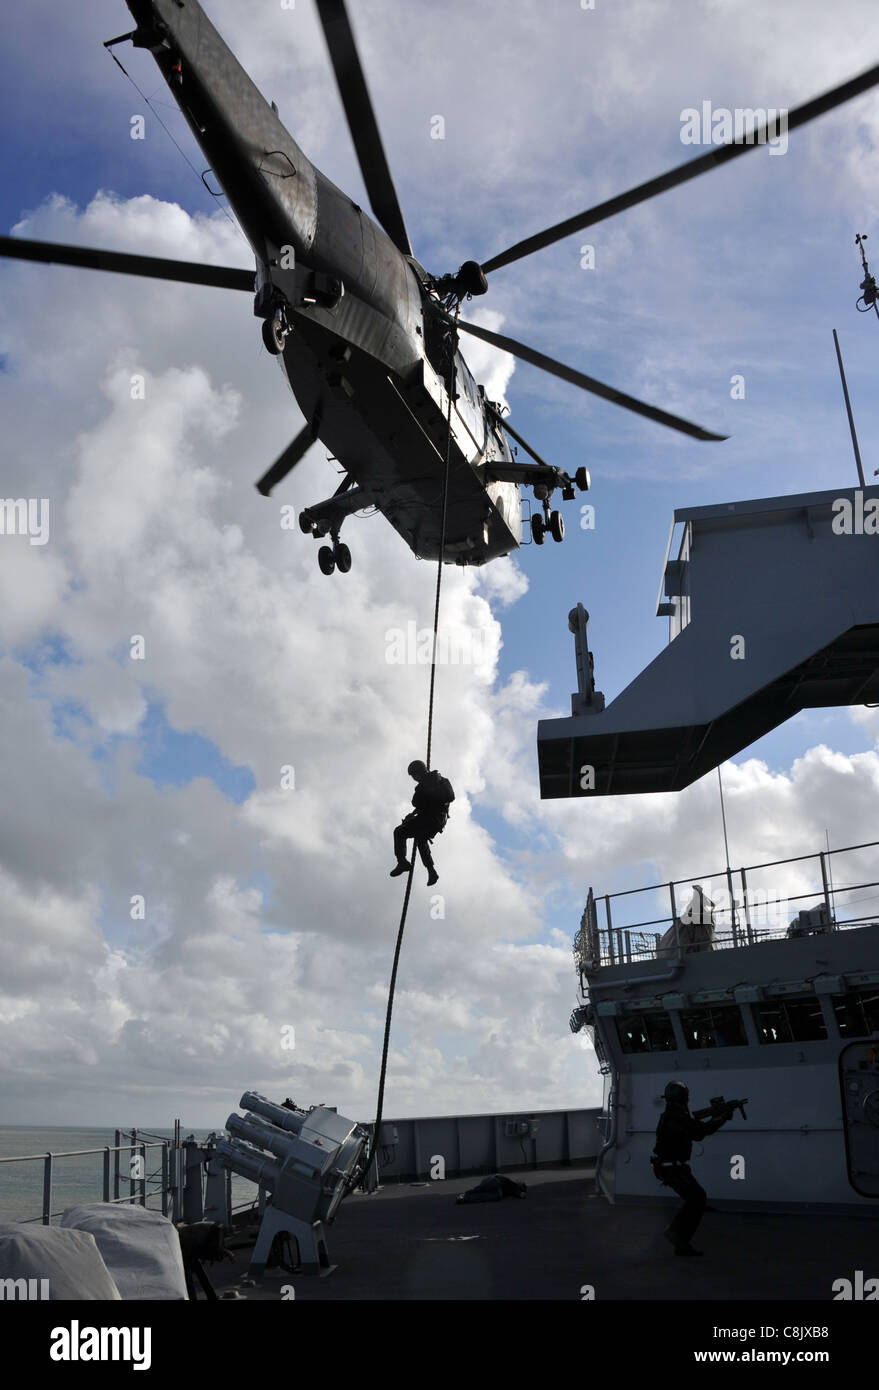 Royal Navy and Royal Marines anti-piracy training - Stock Image